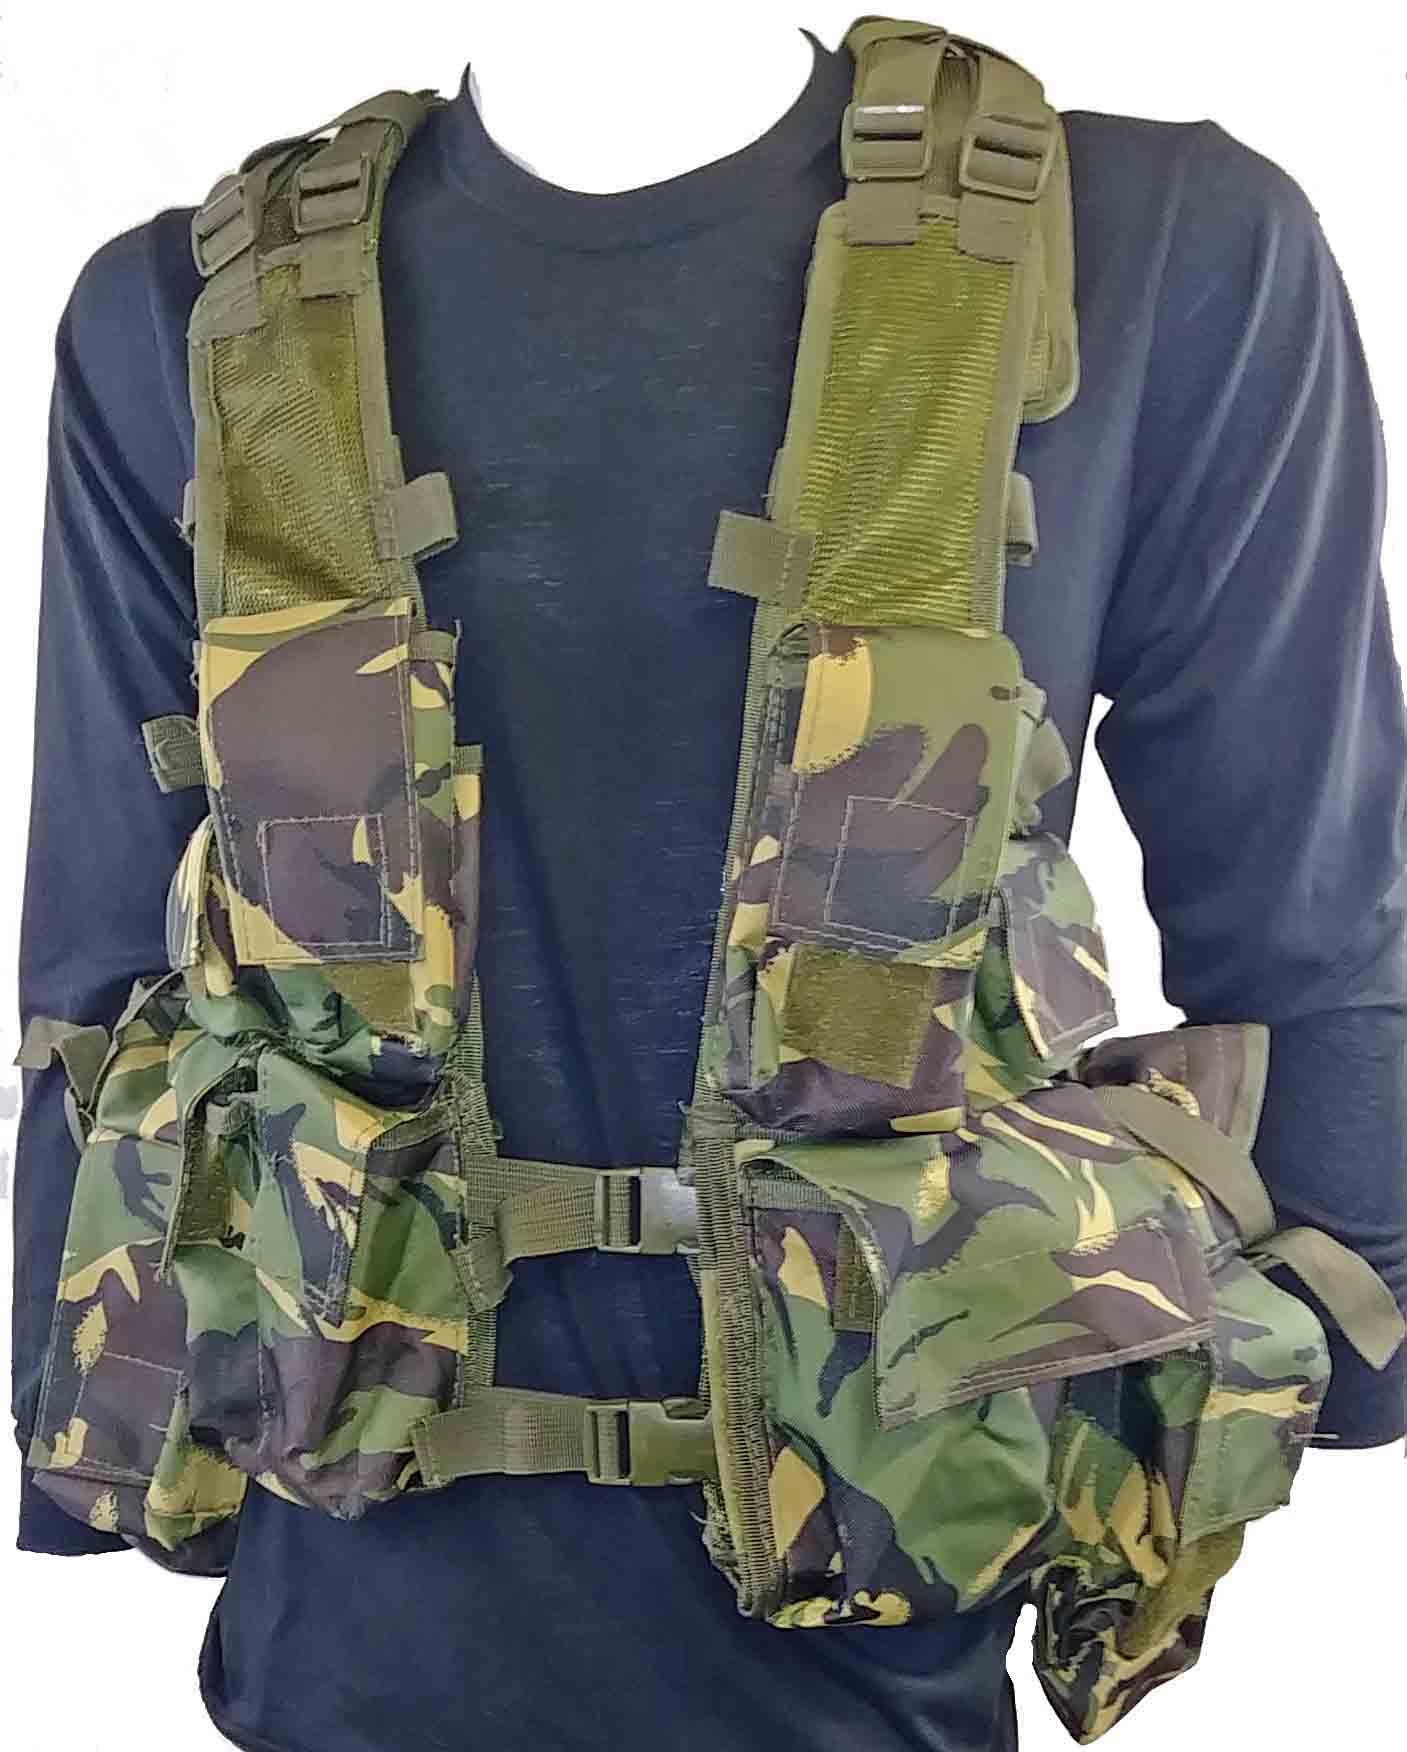 U.K camo tactical vest